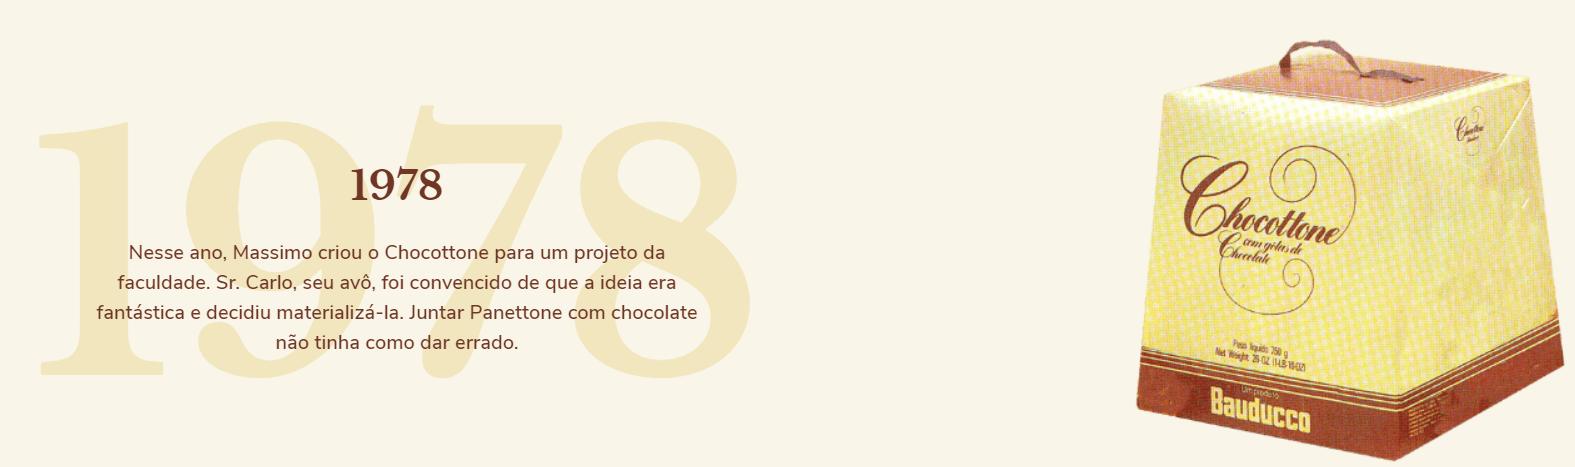 1978: Nesse ano, Massimo criou o Chocottone para um projeto da faculdade. Sr. Carlo, seu avô, foi convencido de que a ideia era fantástica e decidiu materializa-la. Juntar Panettone com chocolate não tinha como dar errado.